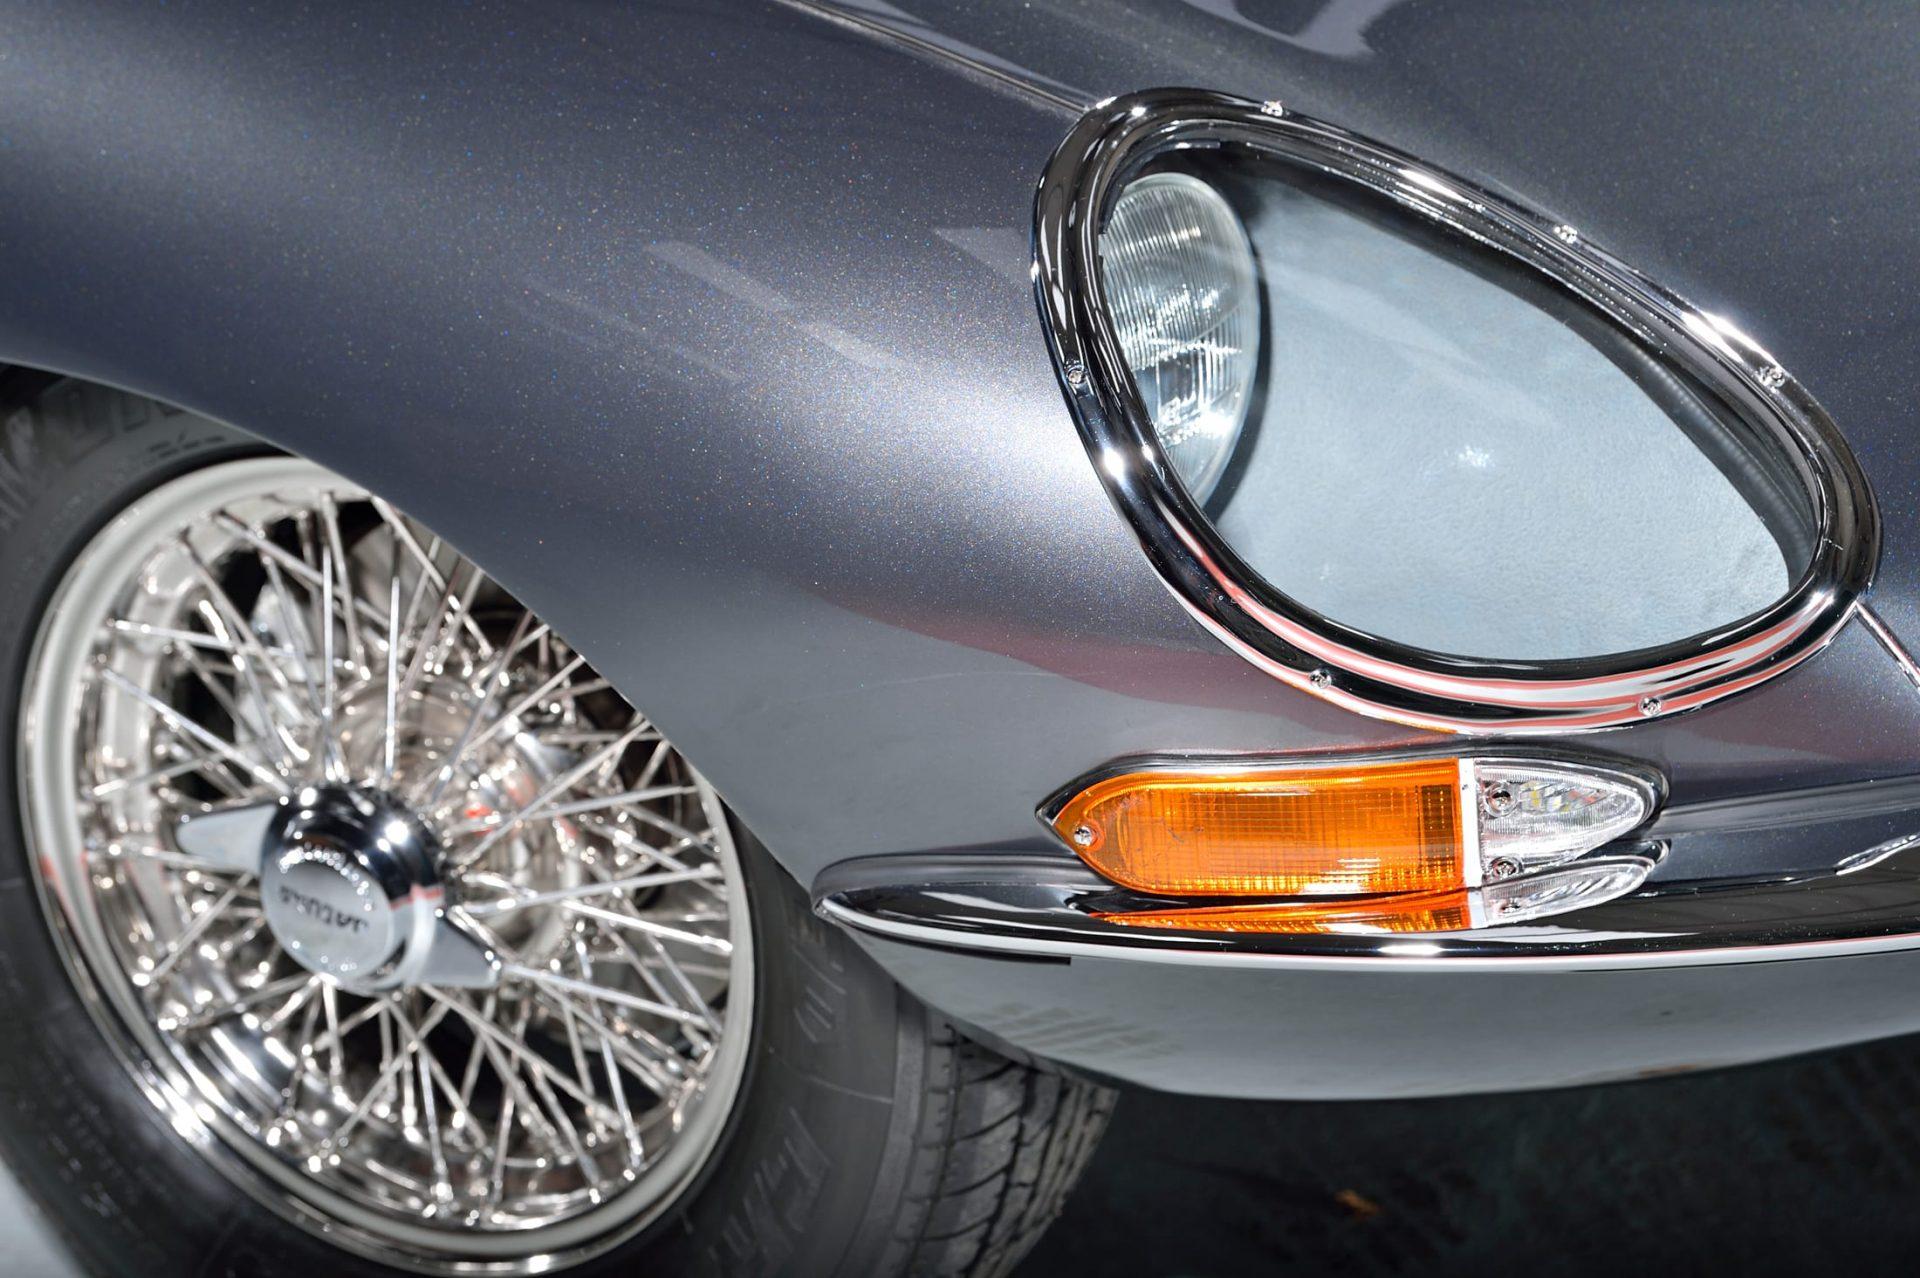 Front headlight of Jaguar classic car